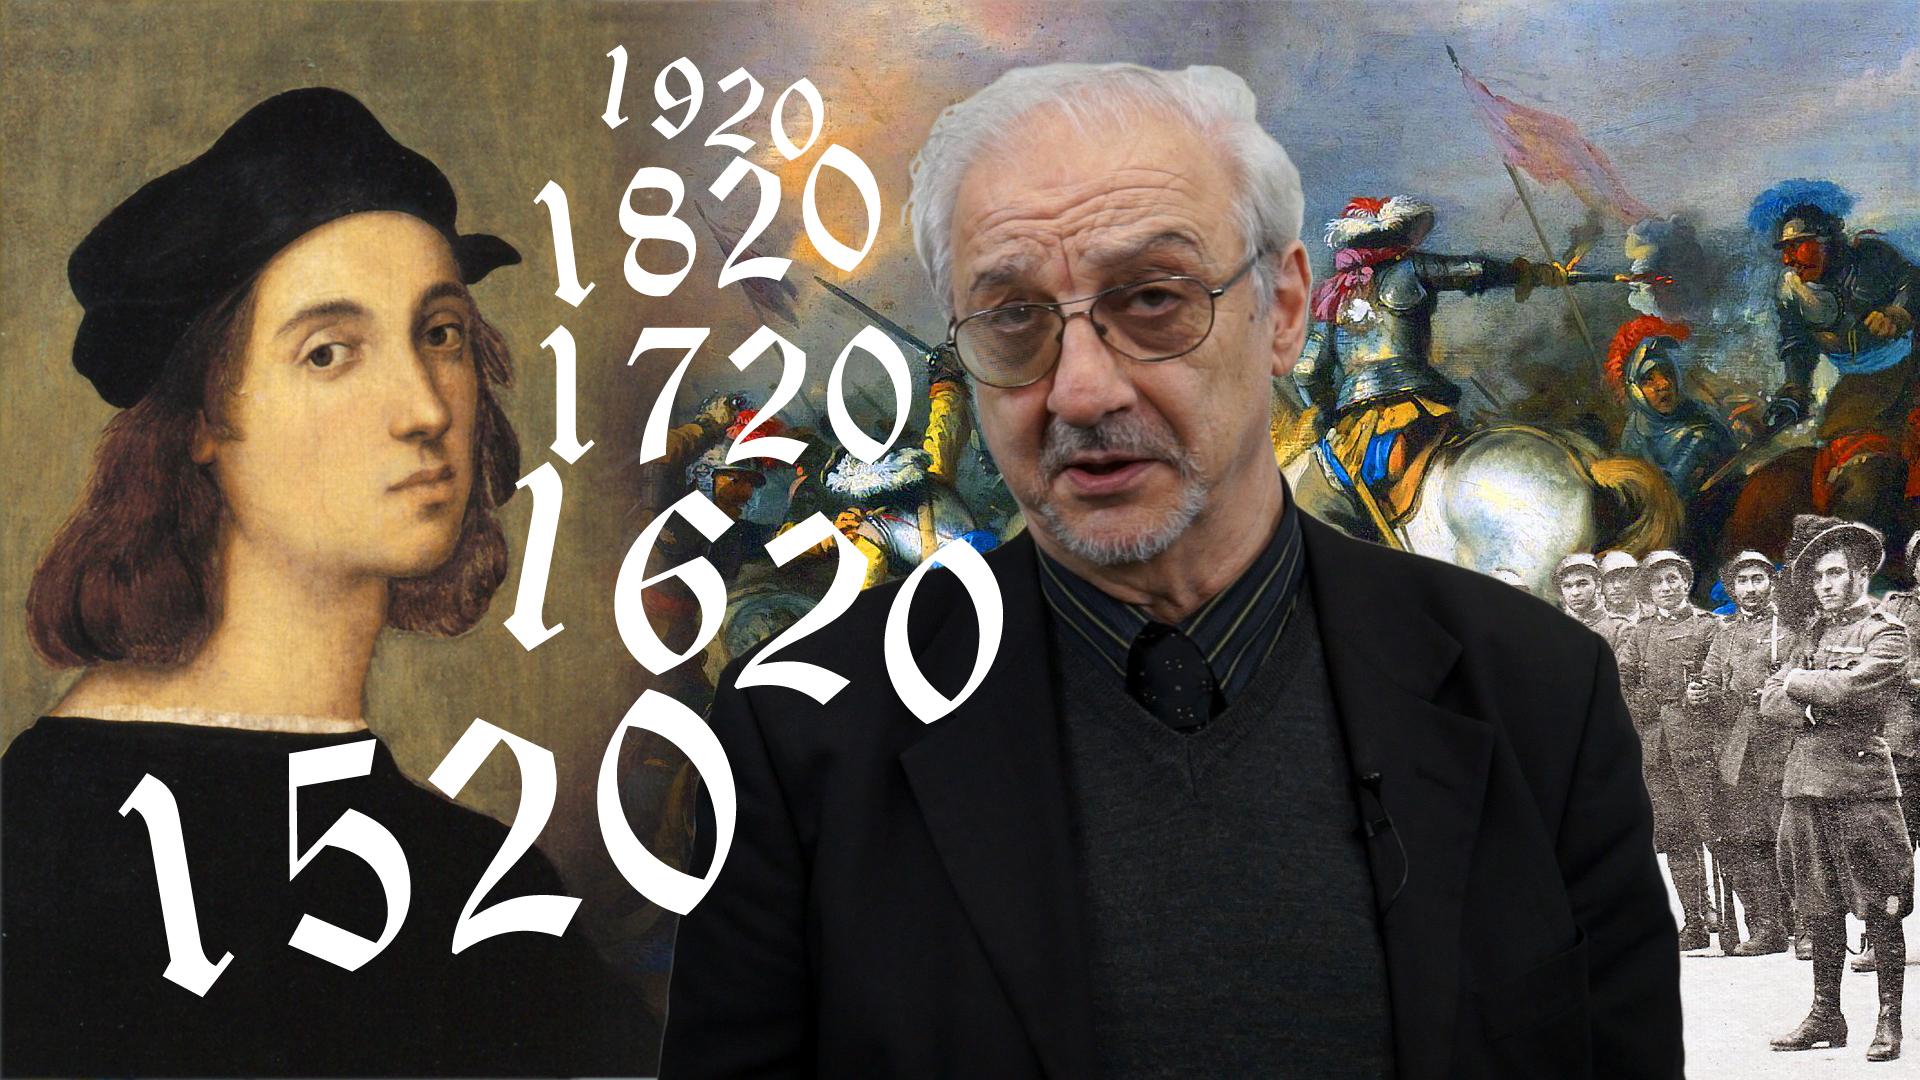 L'anno Venti degli ultimi secoli